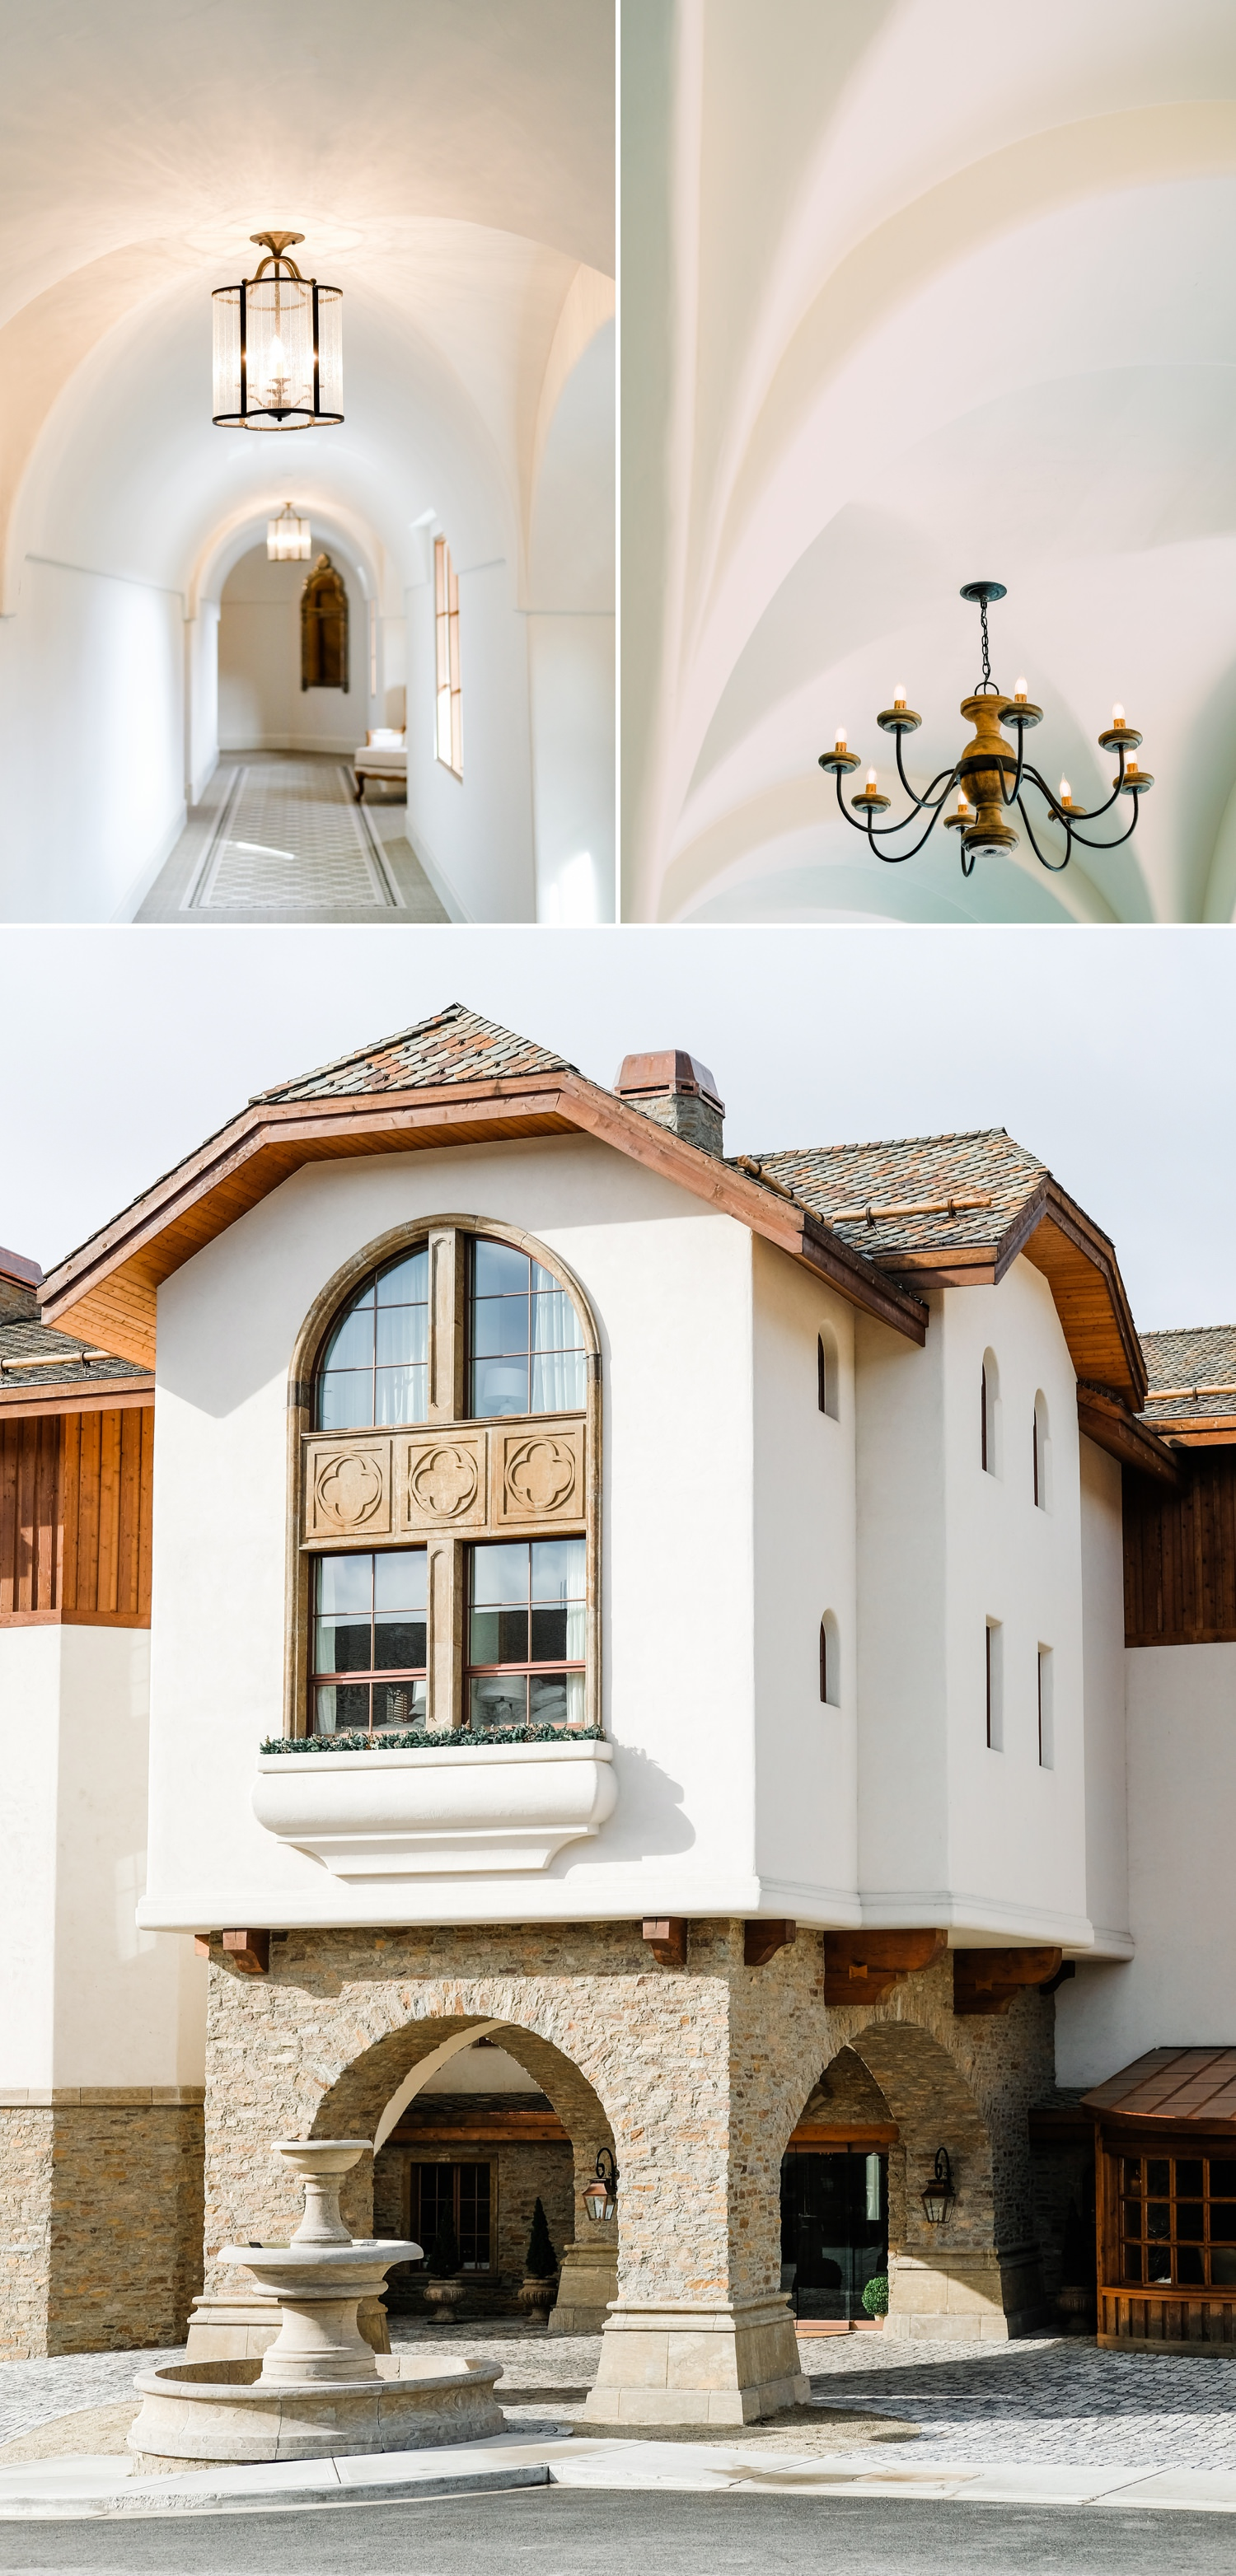 posthotel-leavenworth-honeymoon-cameron-zegers-photography-2.jpg